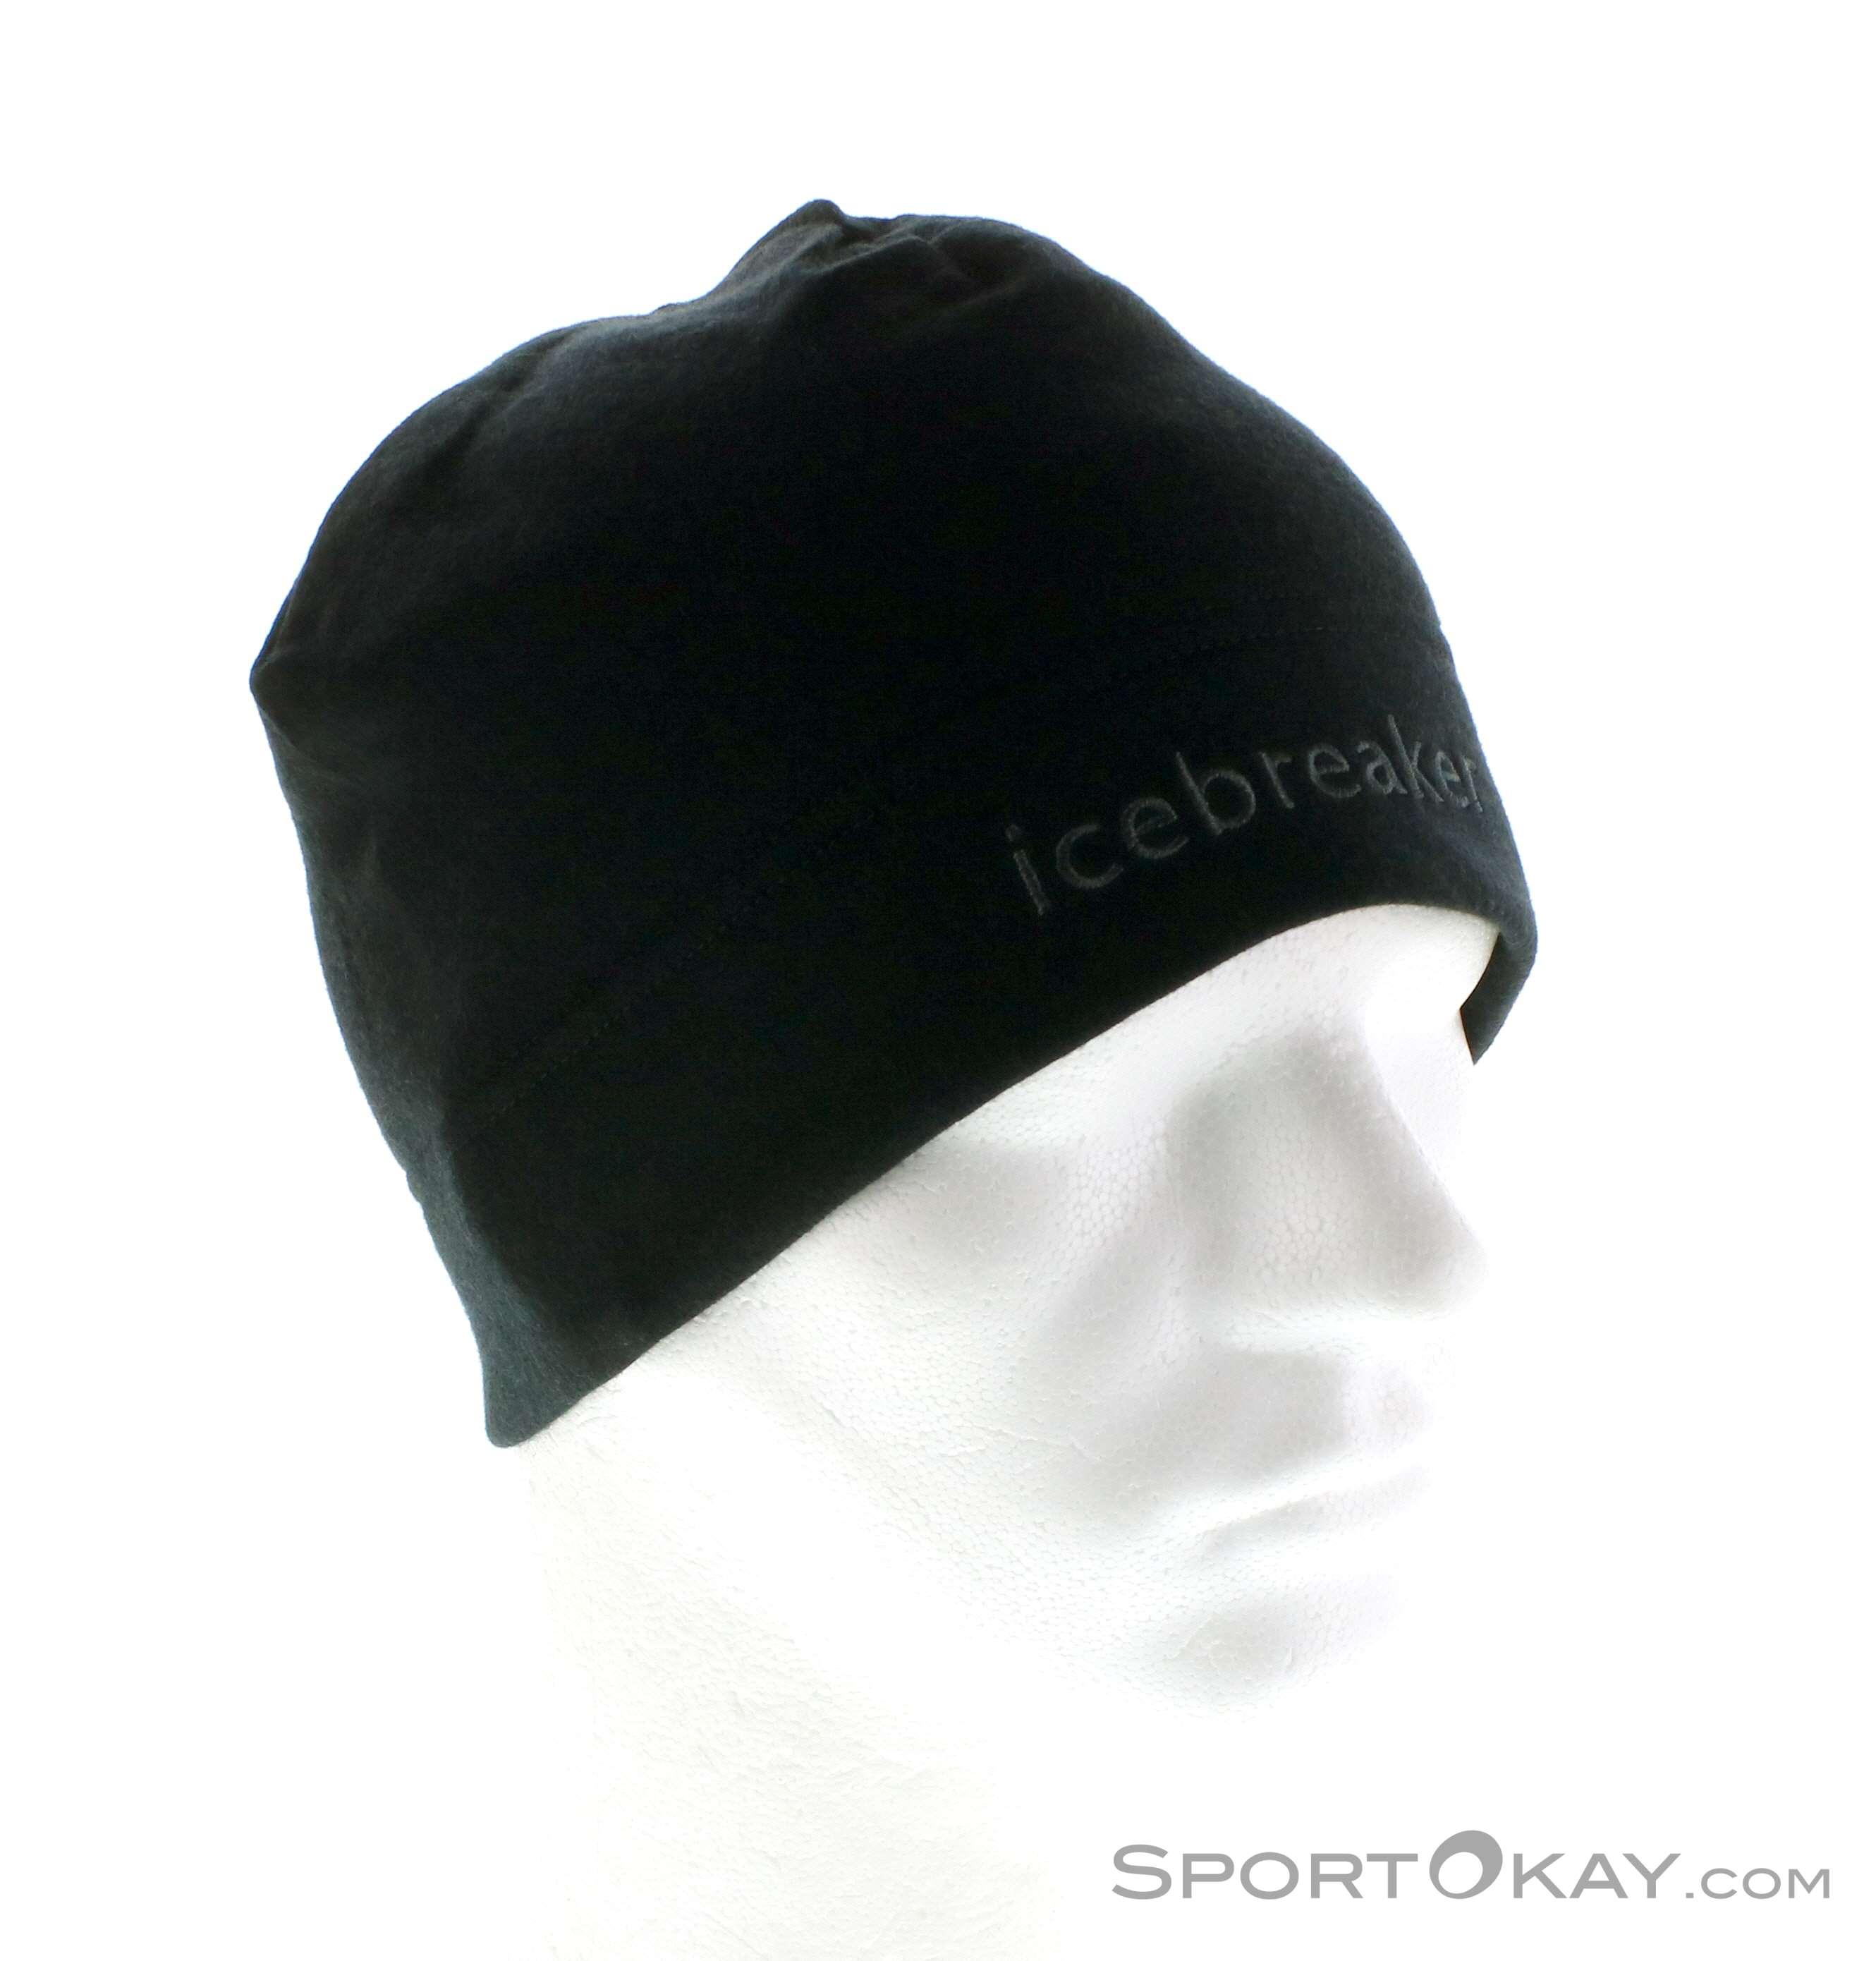 Icebreaker Mogul Cap - Caps   Headbands - Outdoor Clothing - Outdoor ... f21b55e684f